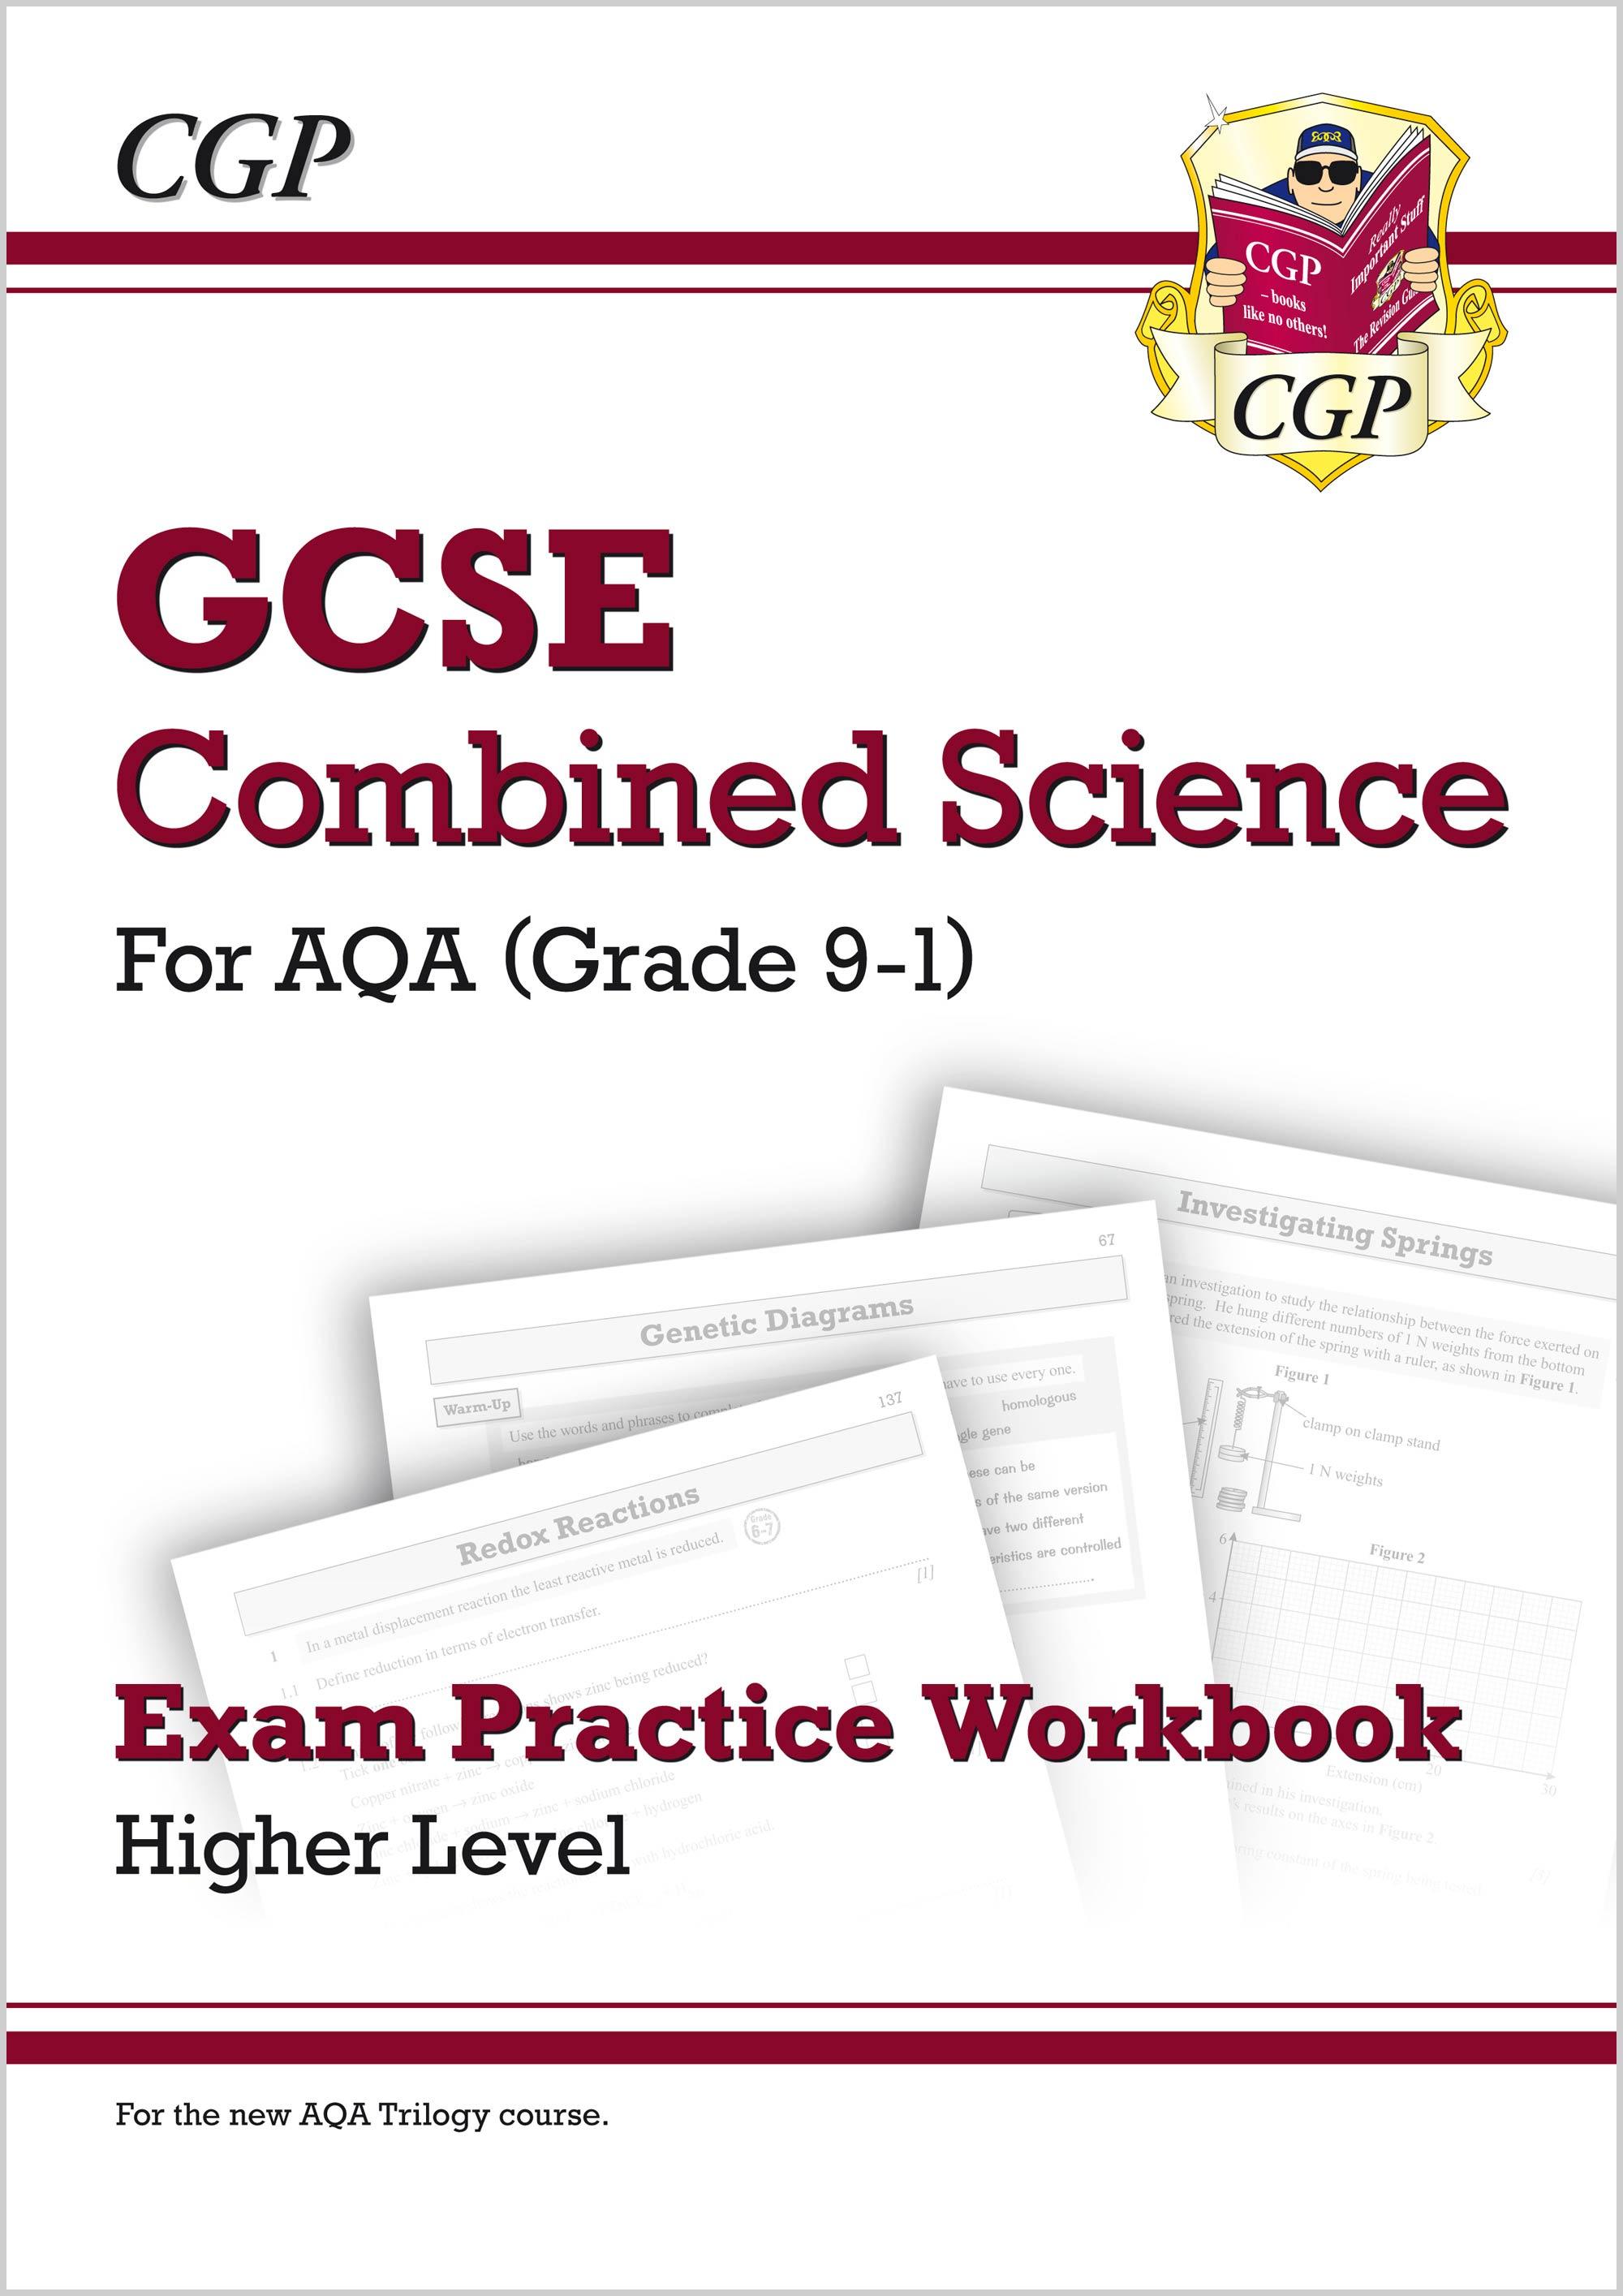 Grade 9-1 GCSE Combined Science: AQA Exam Practice Workbook - Higher